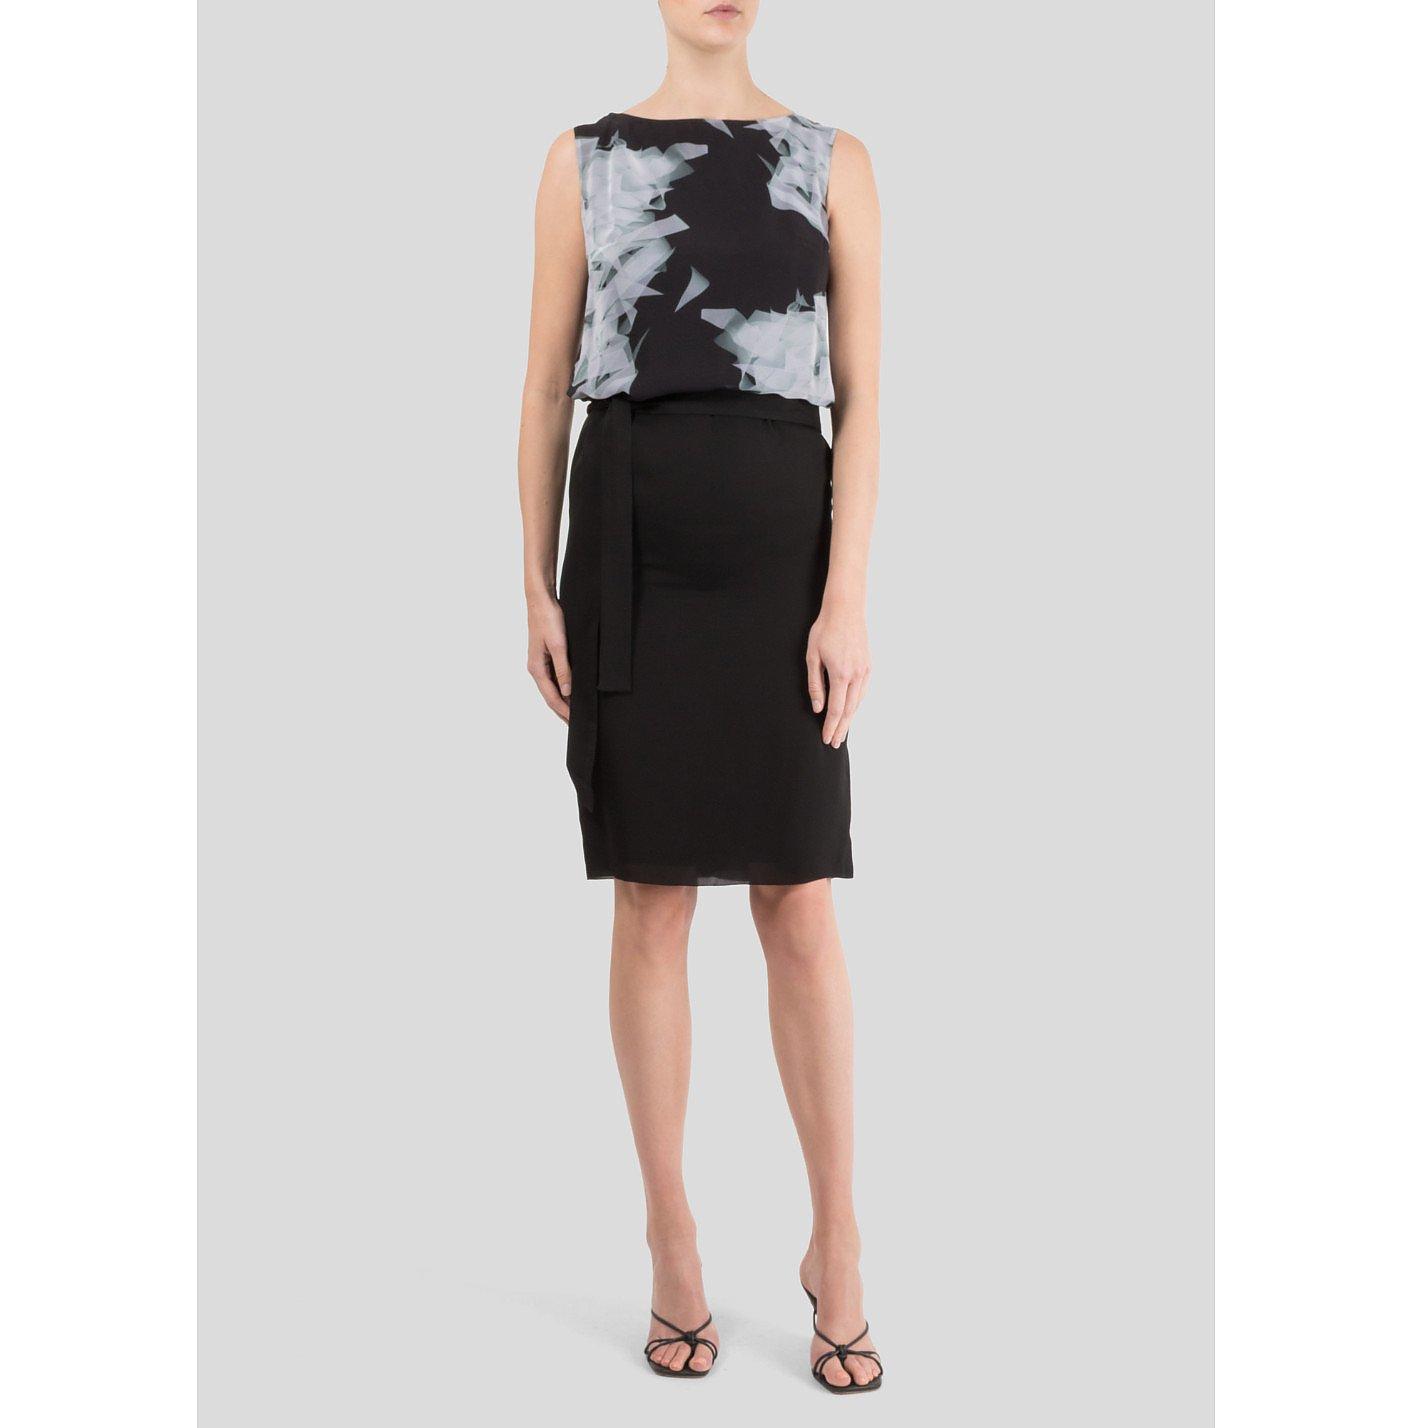 Victoria Beckham Printed Knee Length Dress